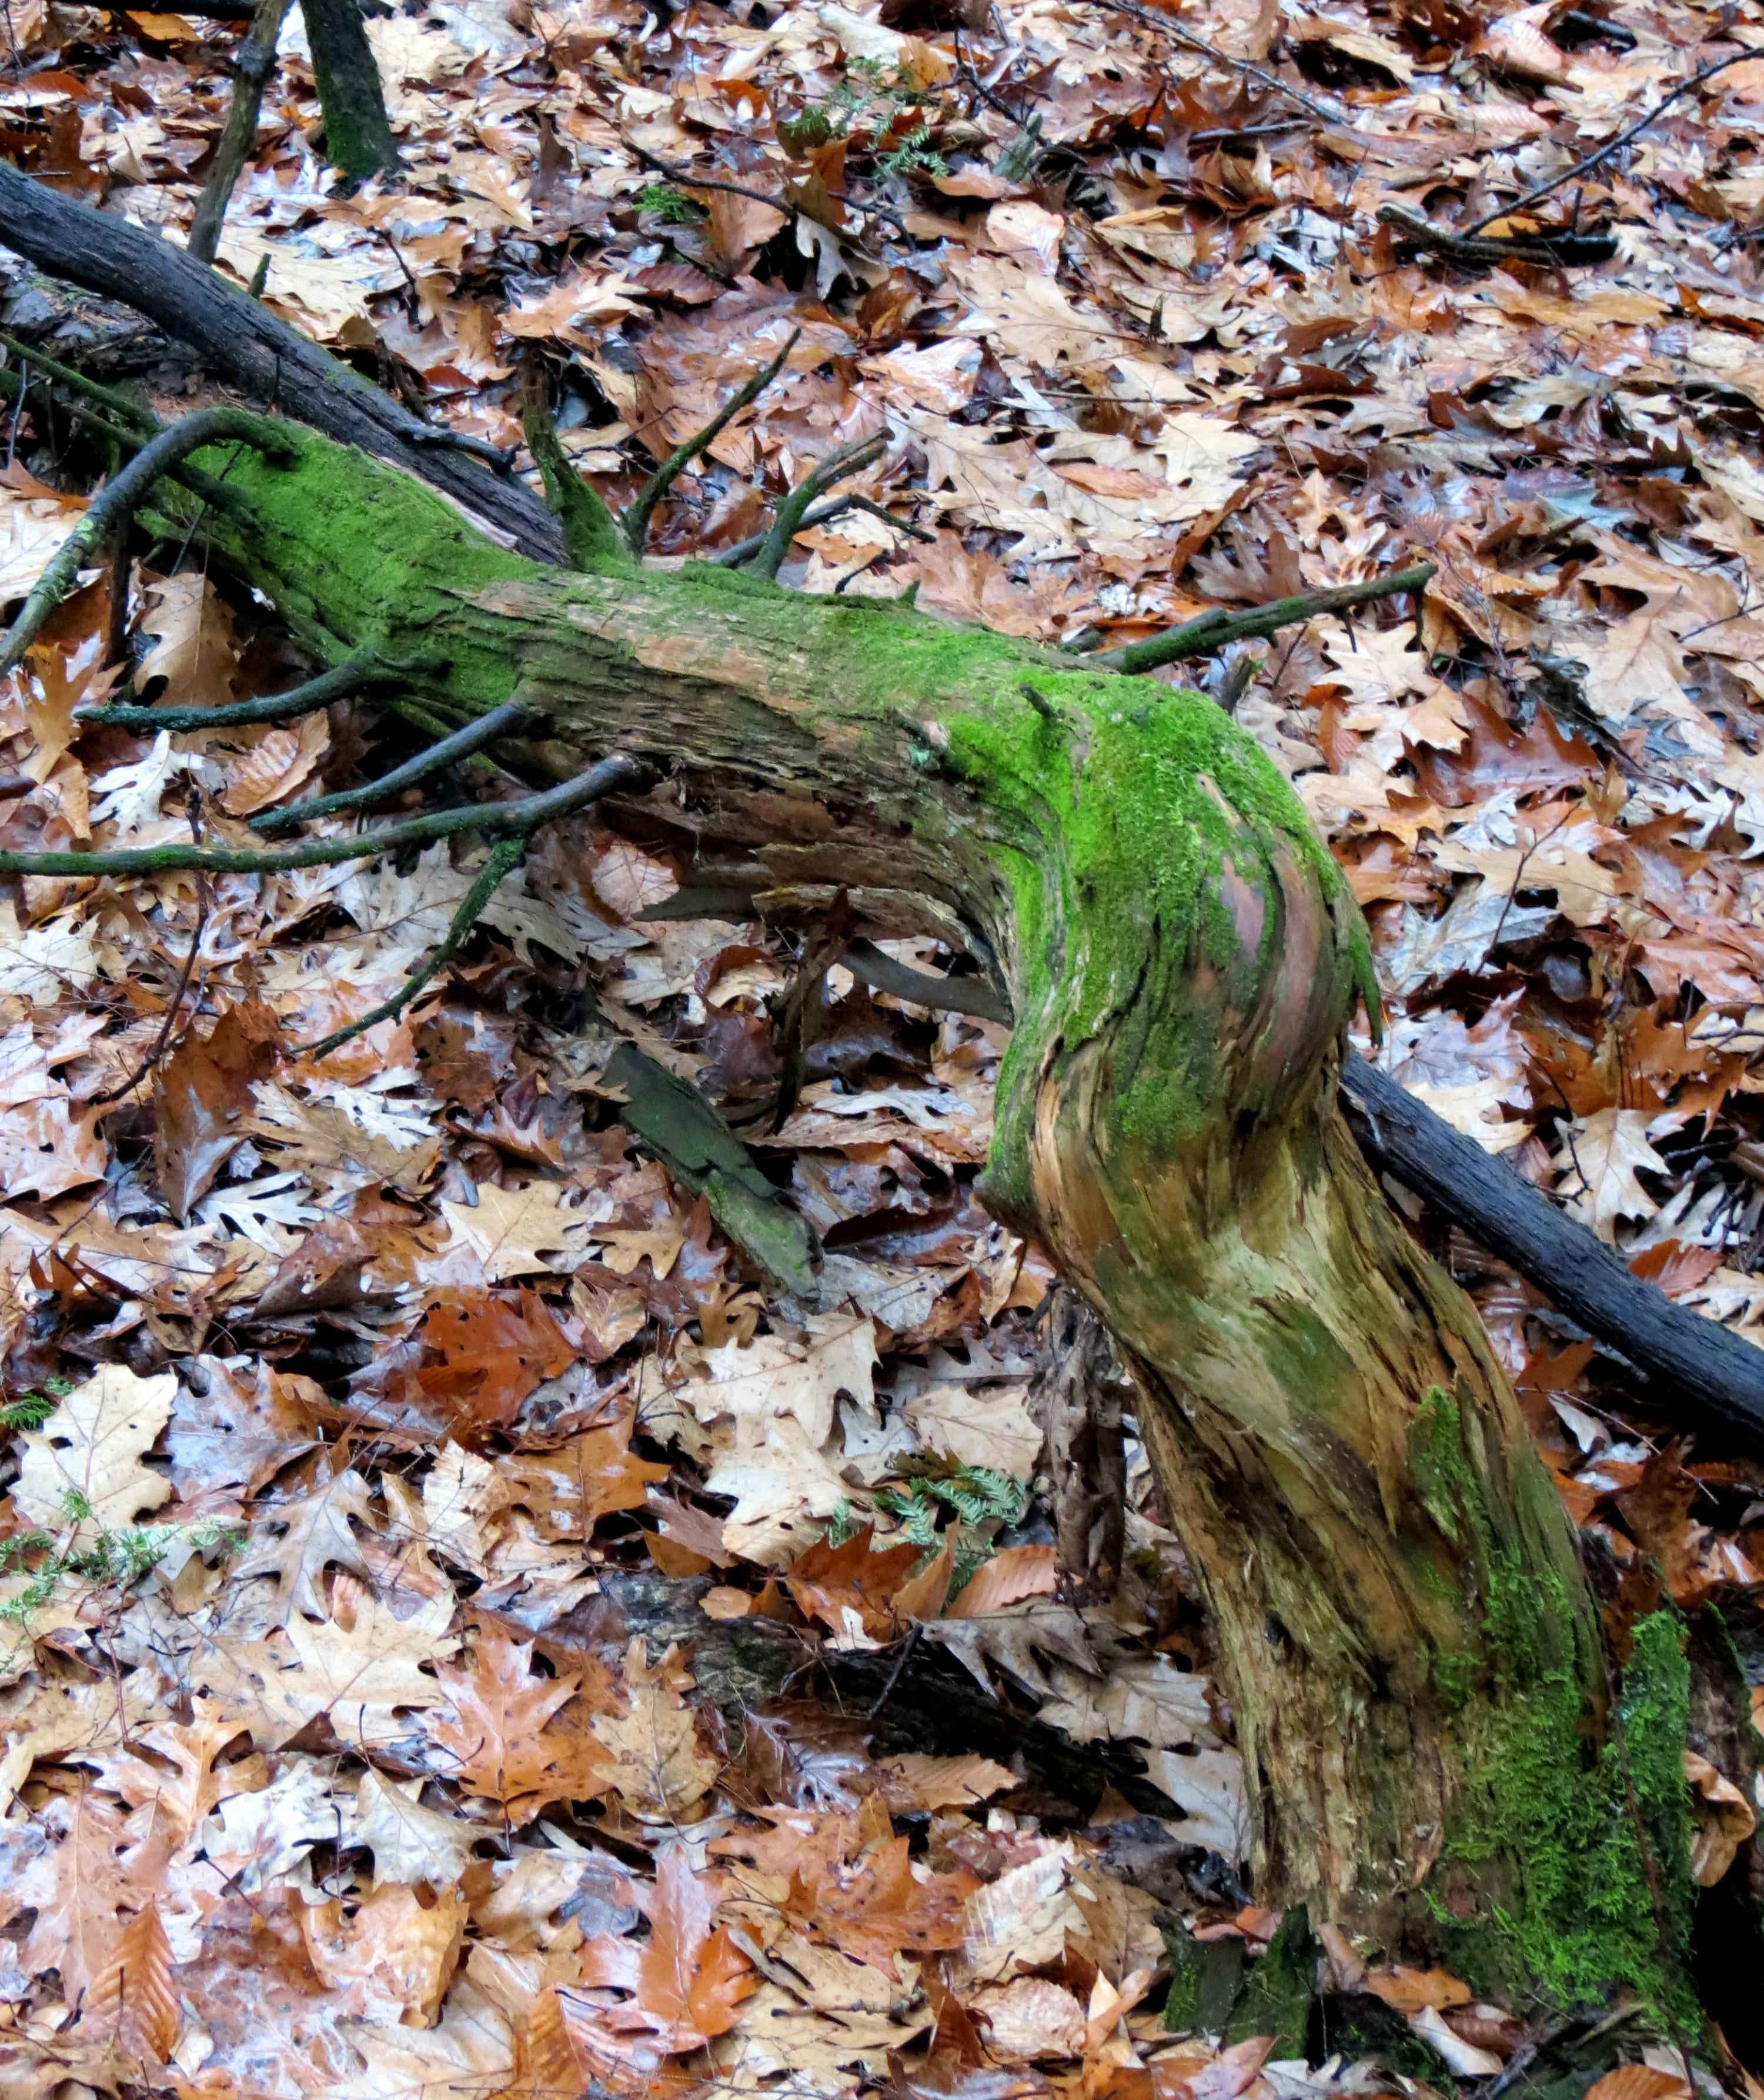 2. Fallen Tree